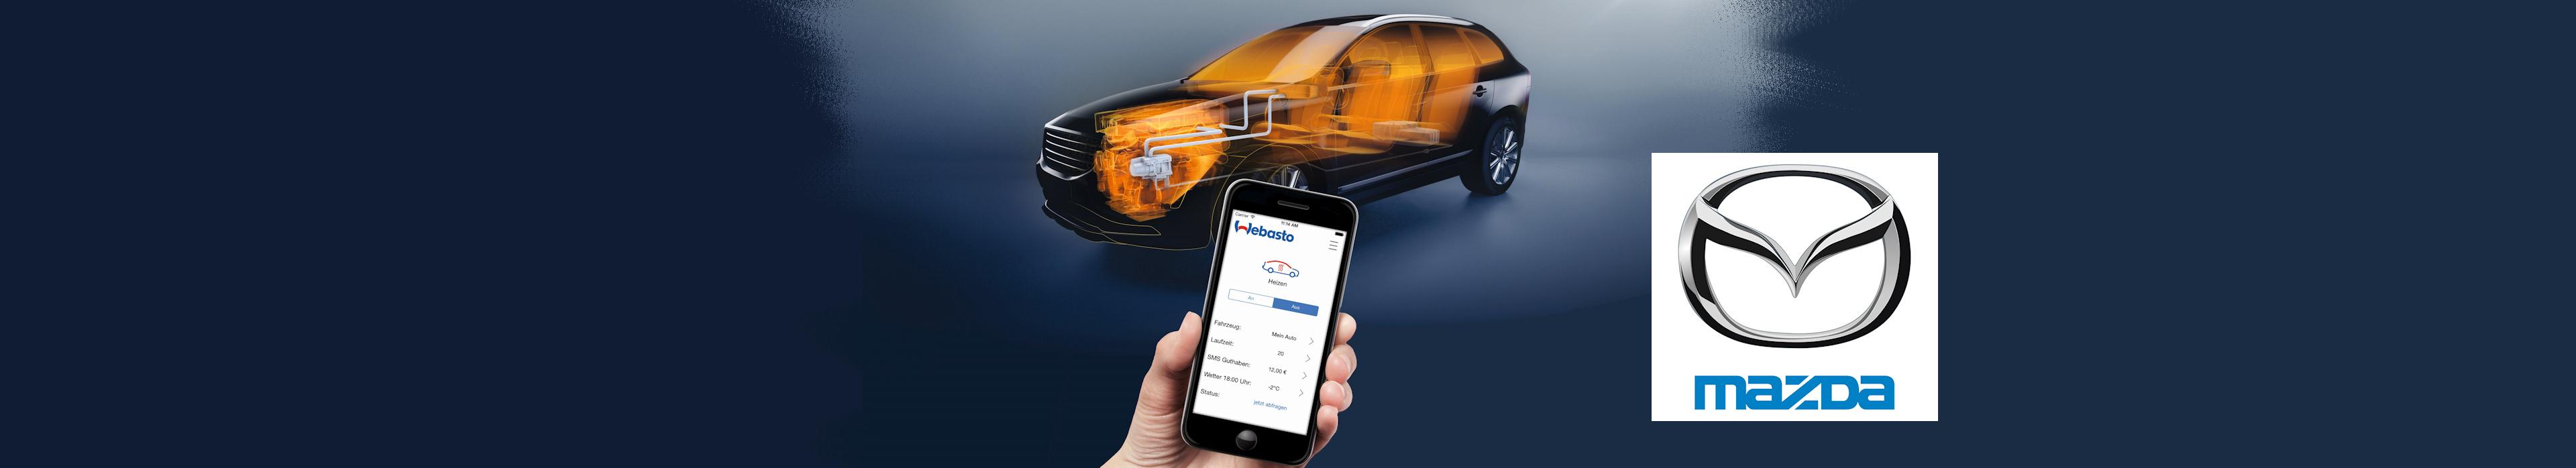 Wat kost een standkachel inbouwen bij Mazda